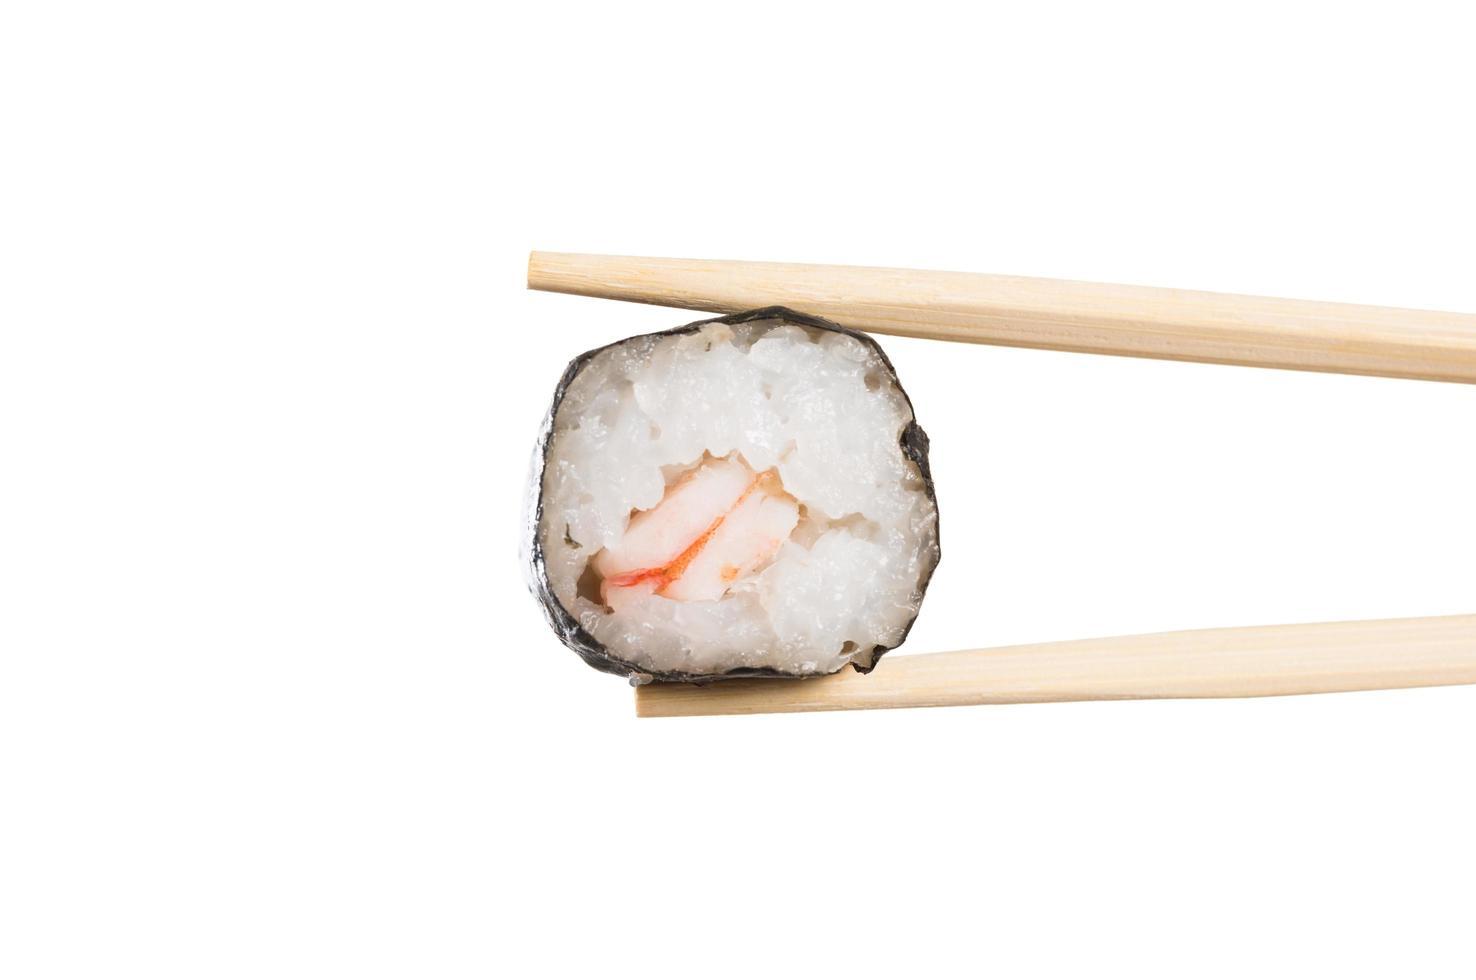 ätpinne med sushirulle närbild foto